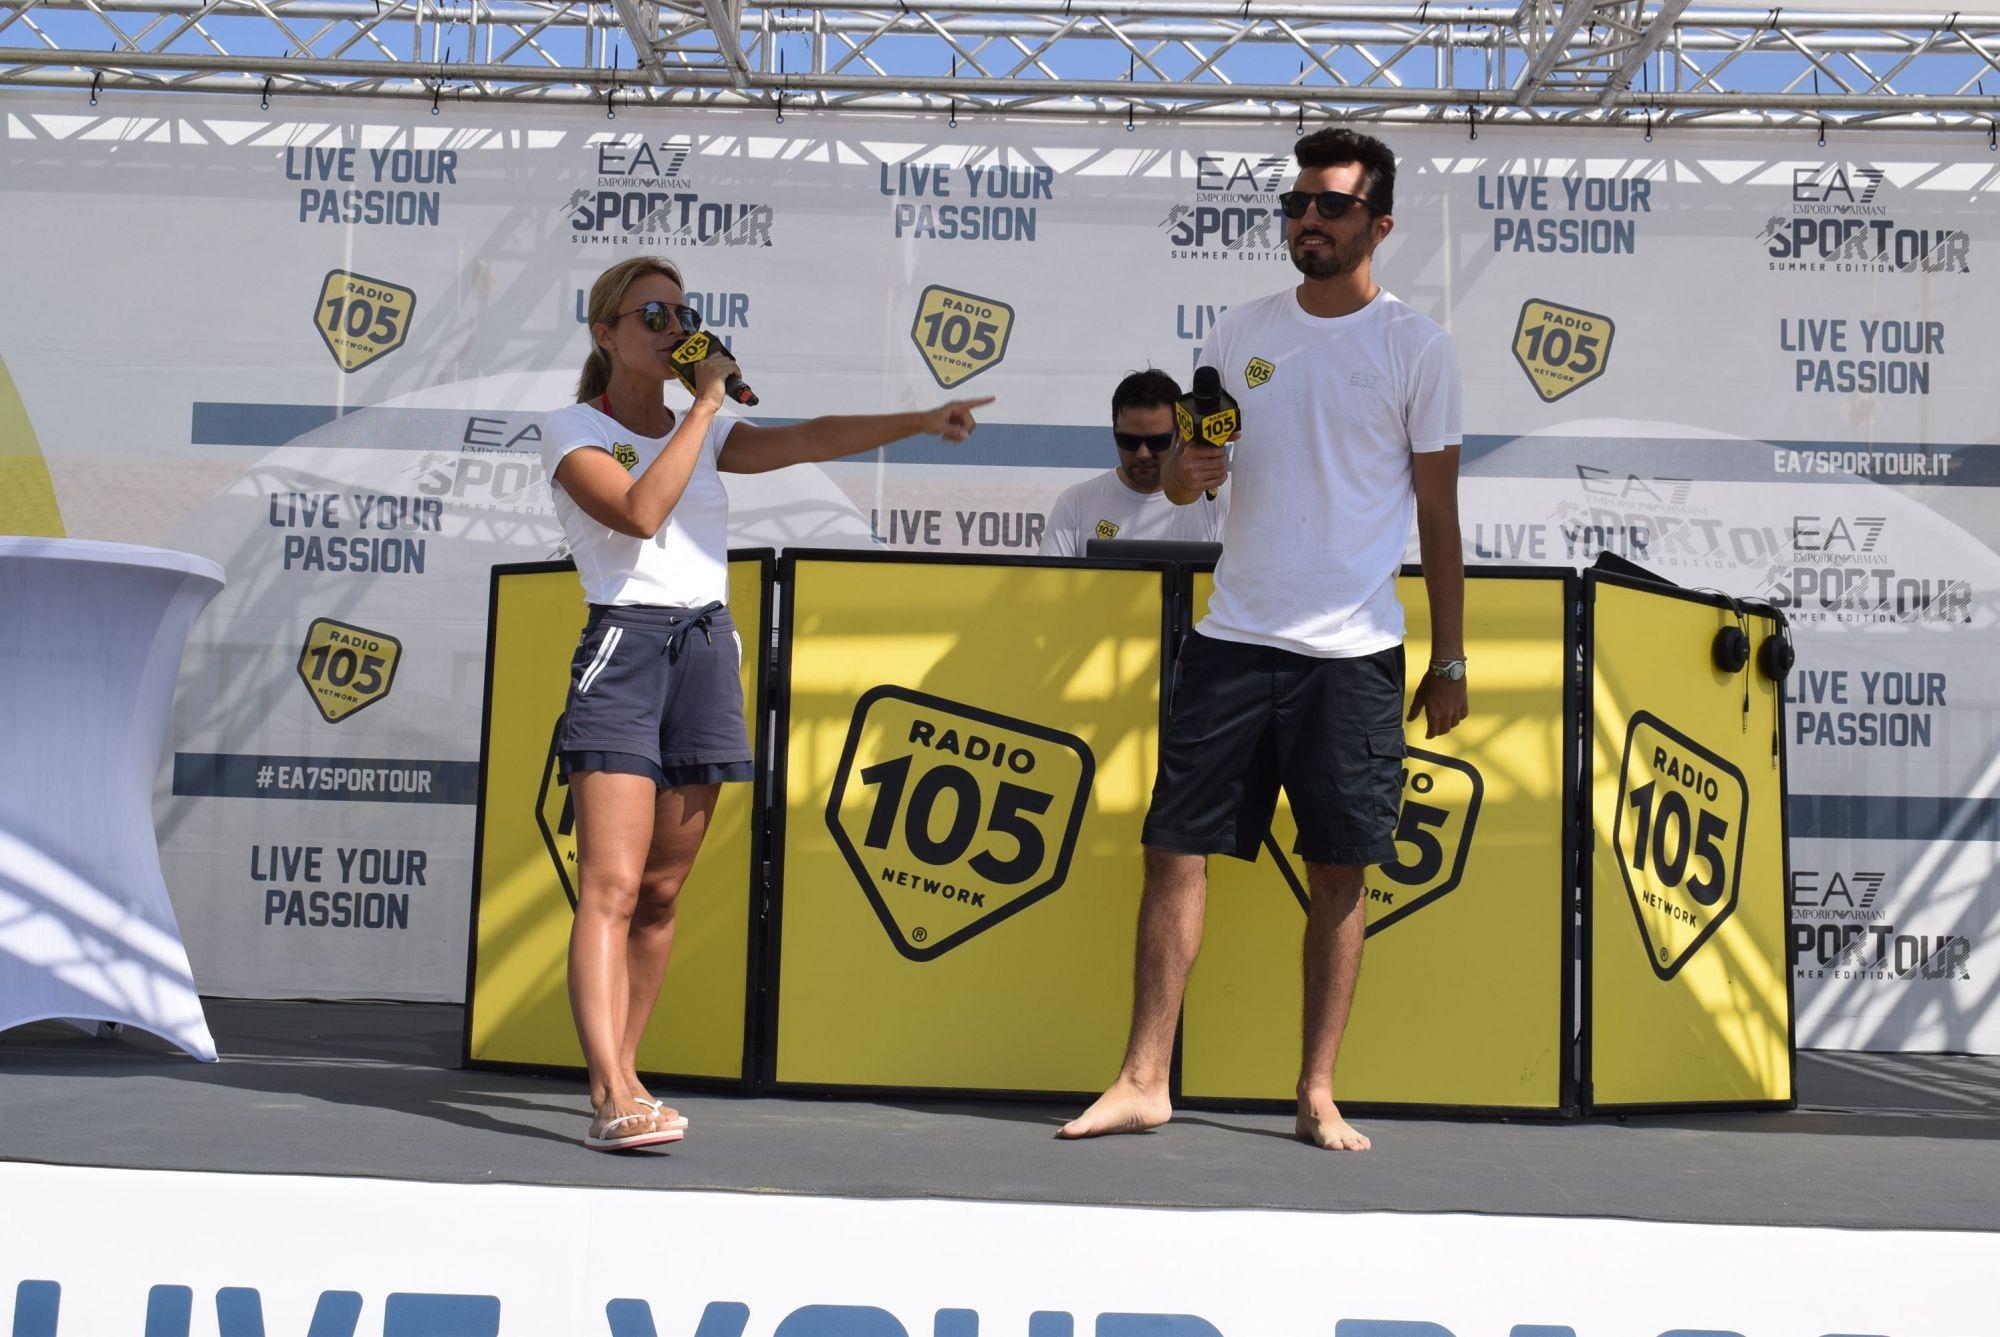 Radio 105 e Armani Tour in spiaggia libera a Lido di Camaiore